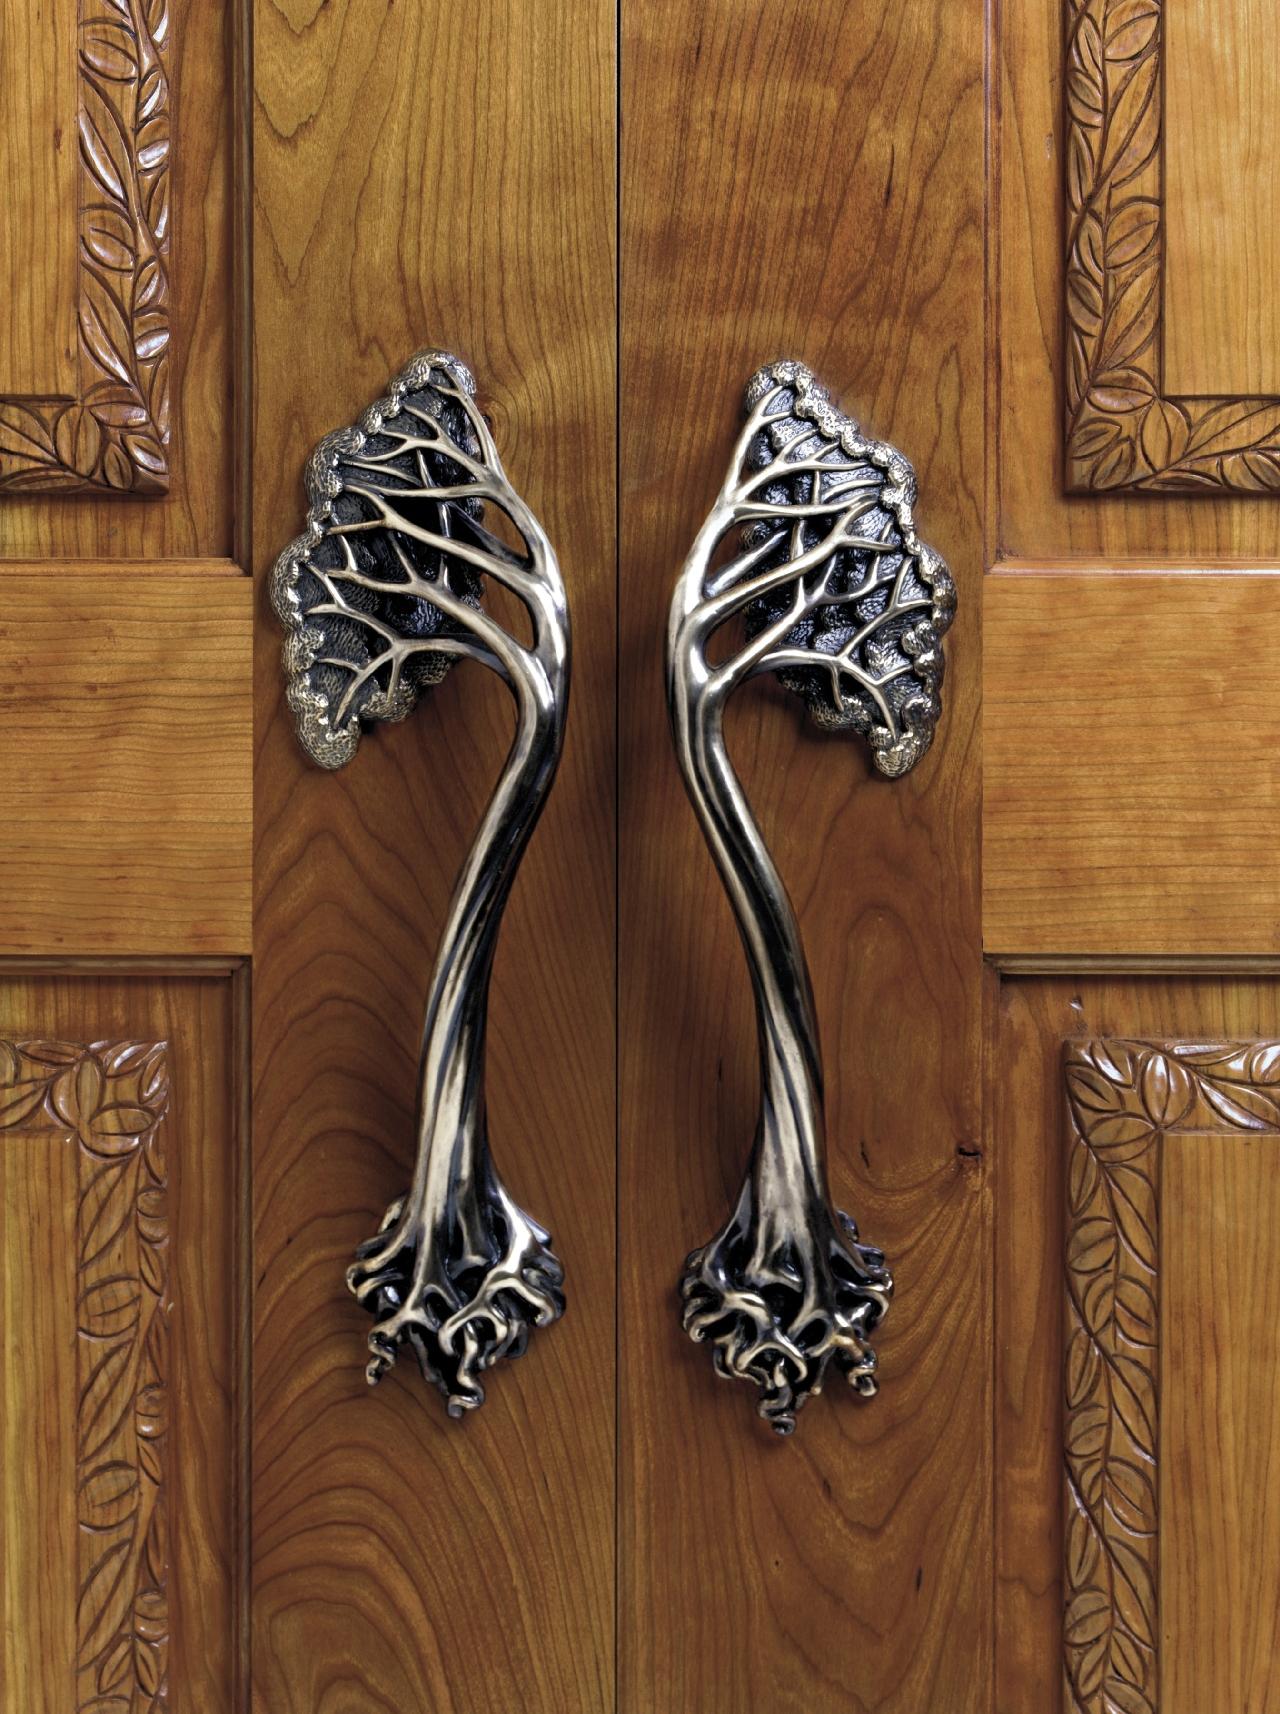 Оригинальный дизайн ручки для двери